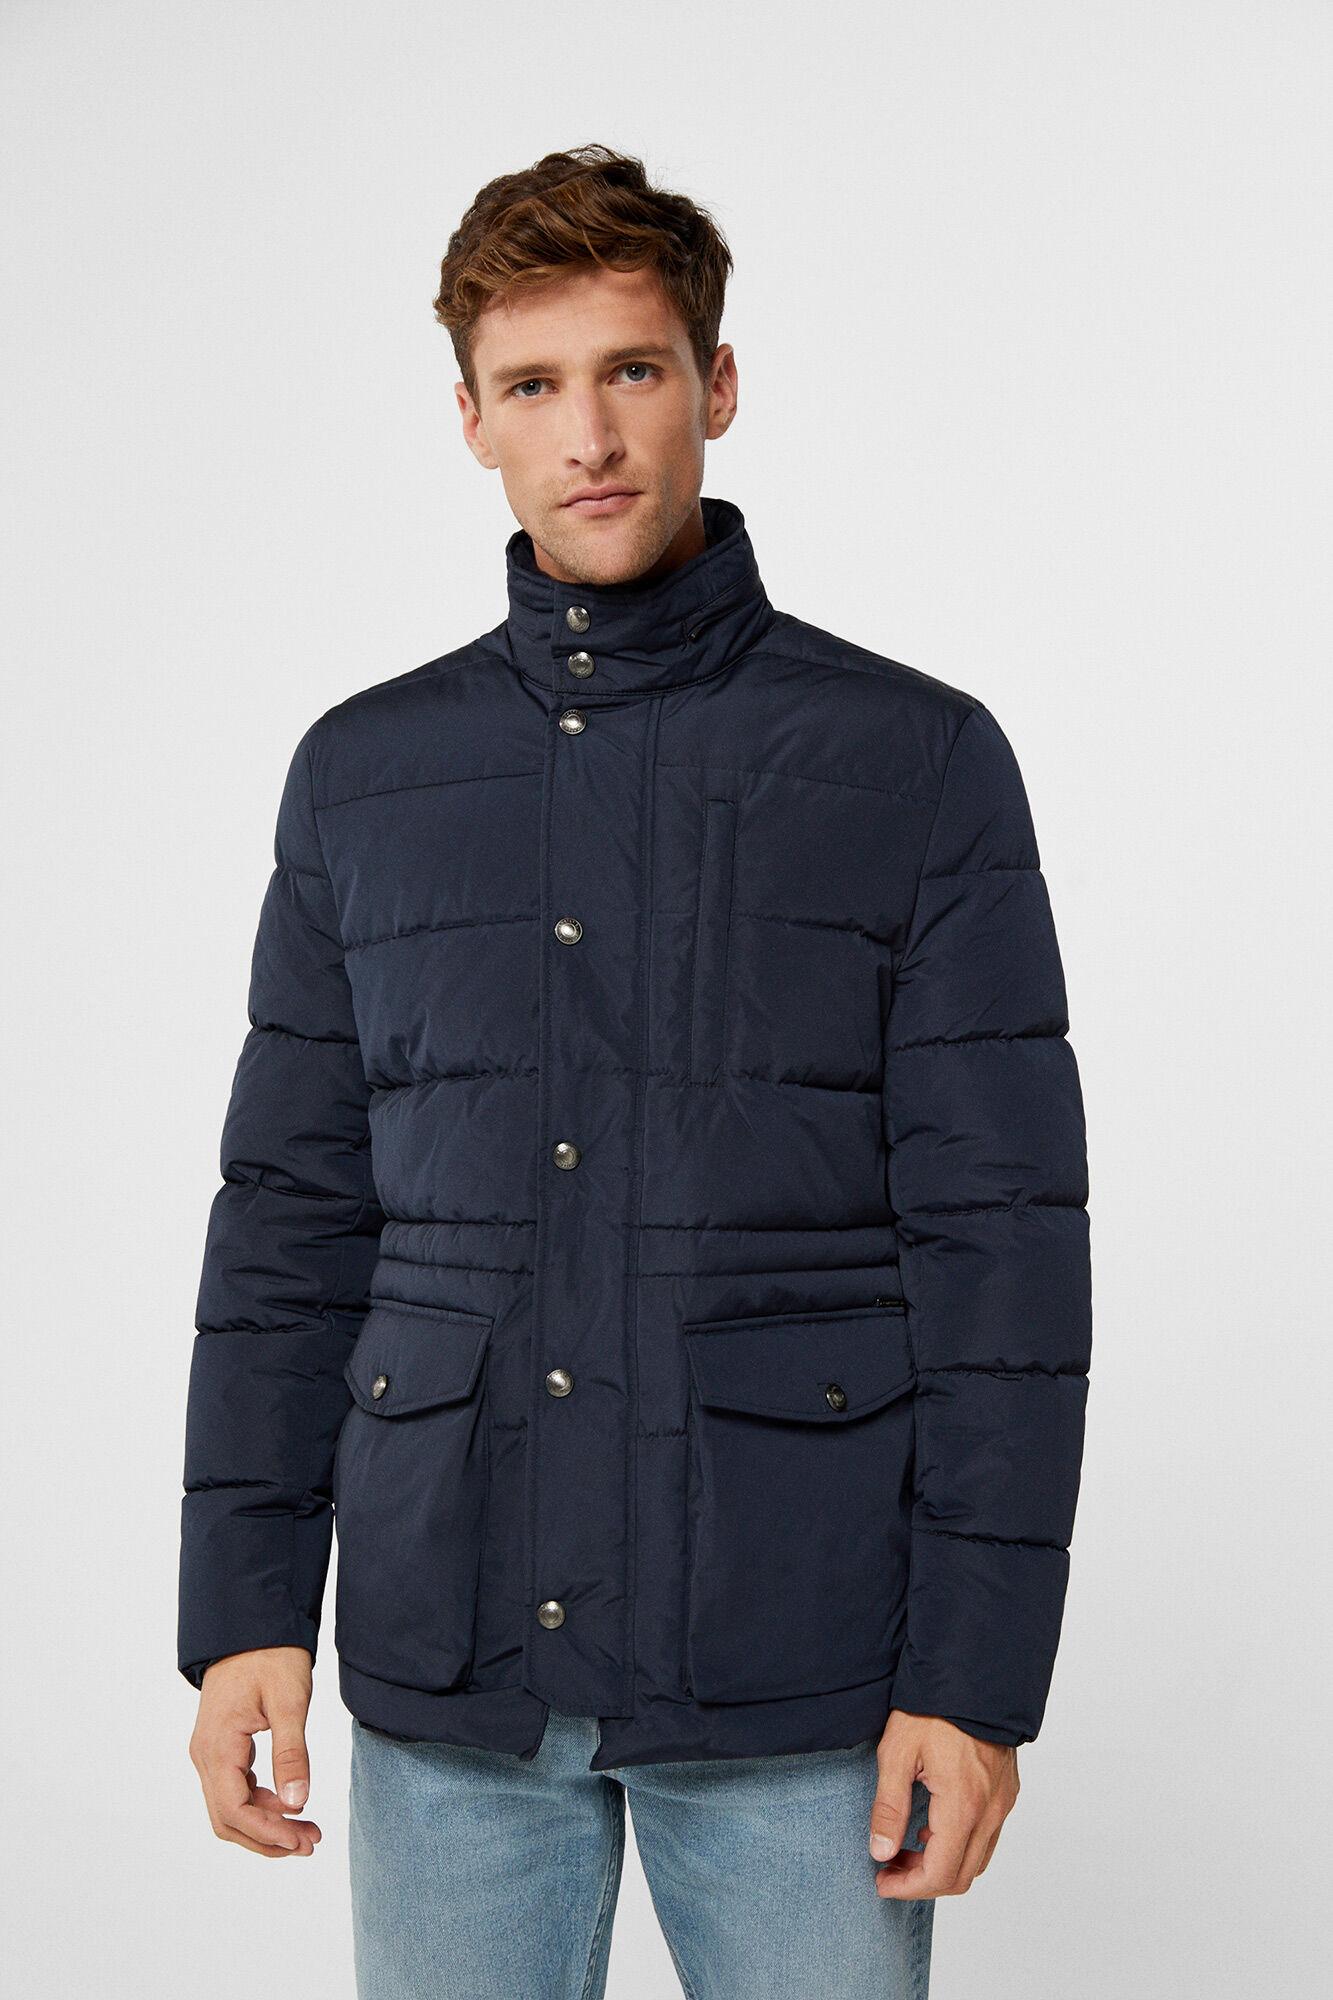 Cazadoras y chaquetas de hombre | Cortefiel